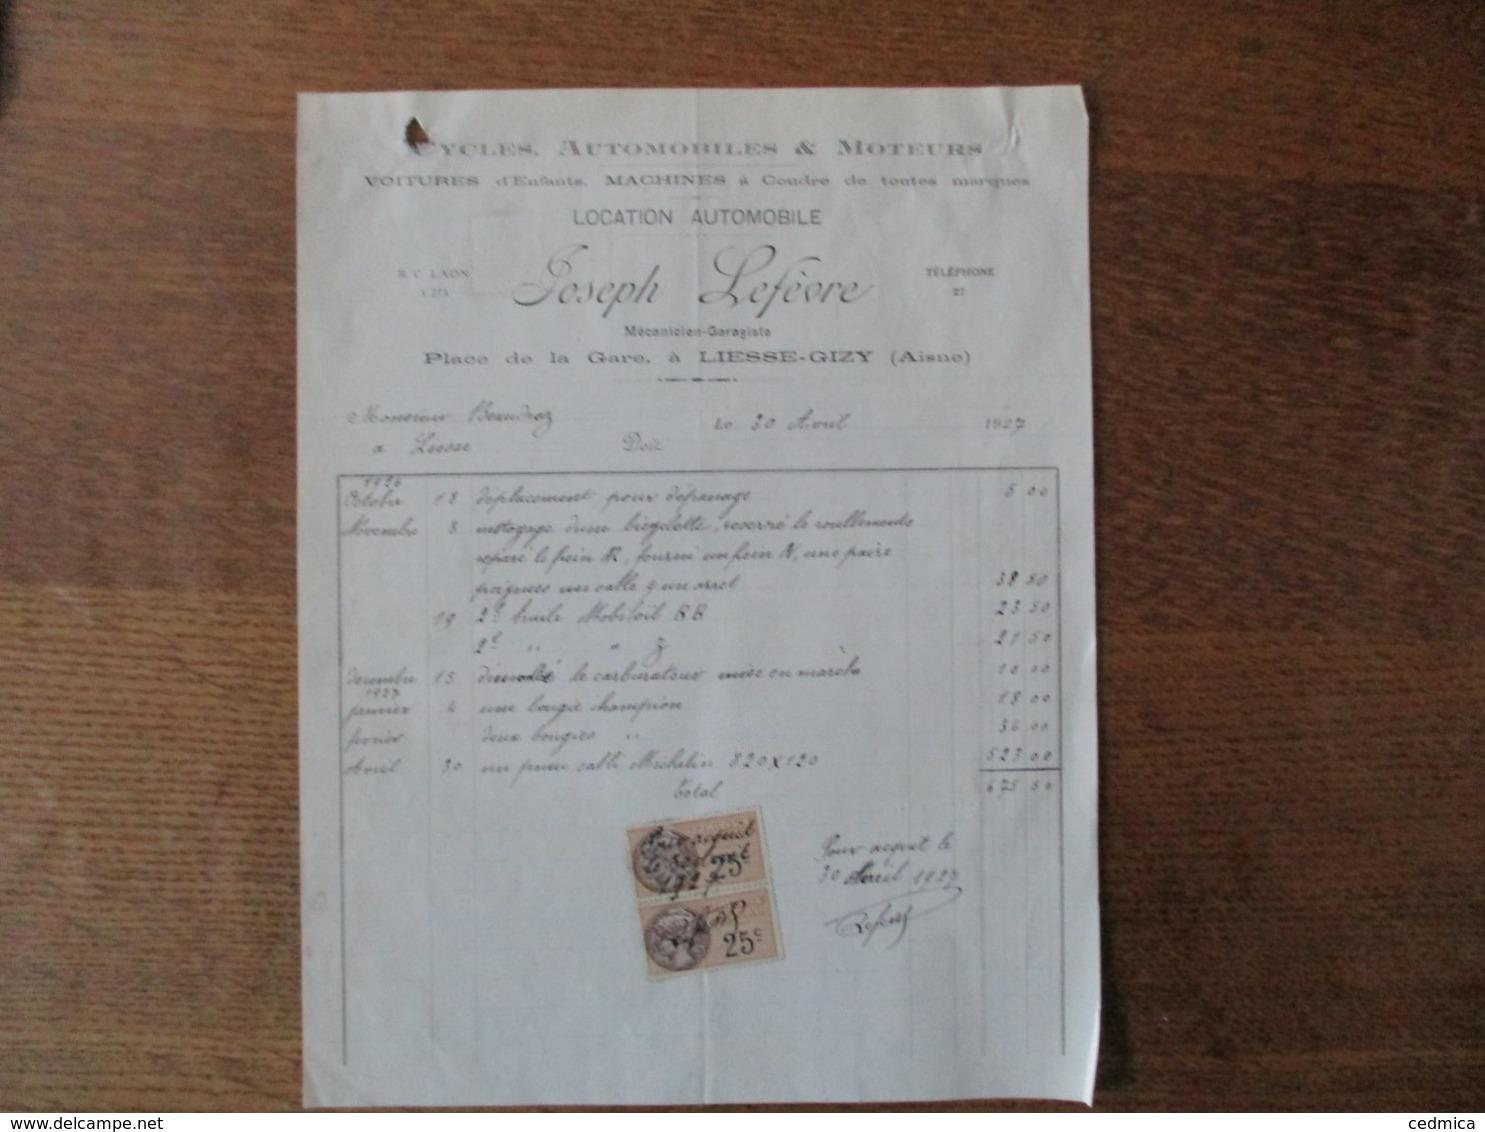 LIESSE-GIZY JOSEPH LEFEVRE CYCLES,AUTOMOBILES & MOTEURS PLACE DE LA GARE FACTURE DU 30 AVRIL 1927 - France